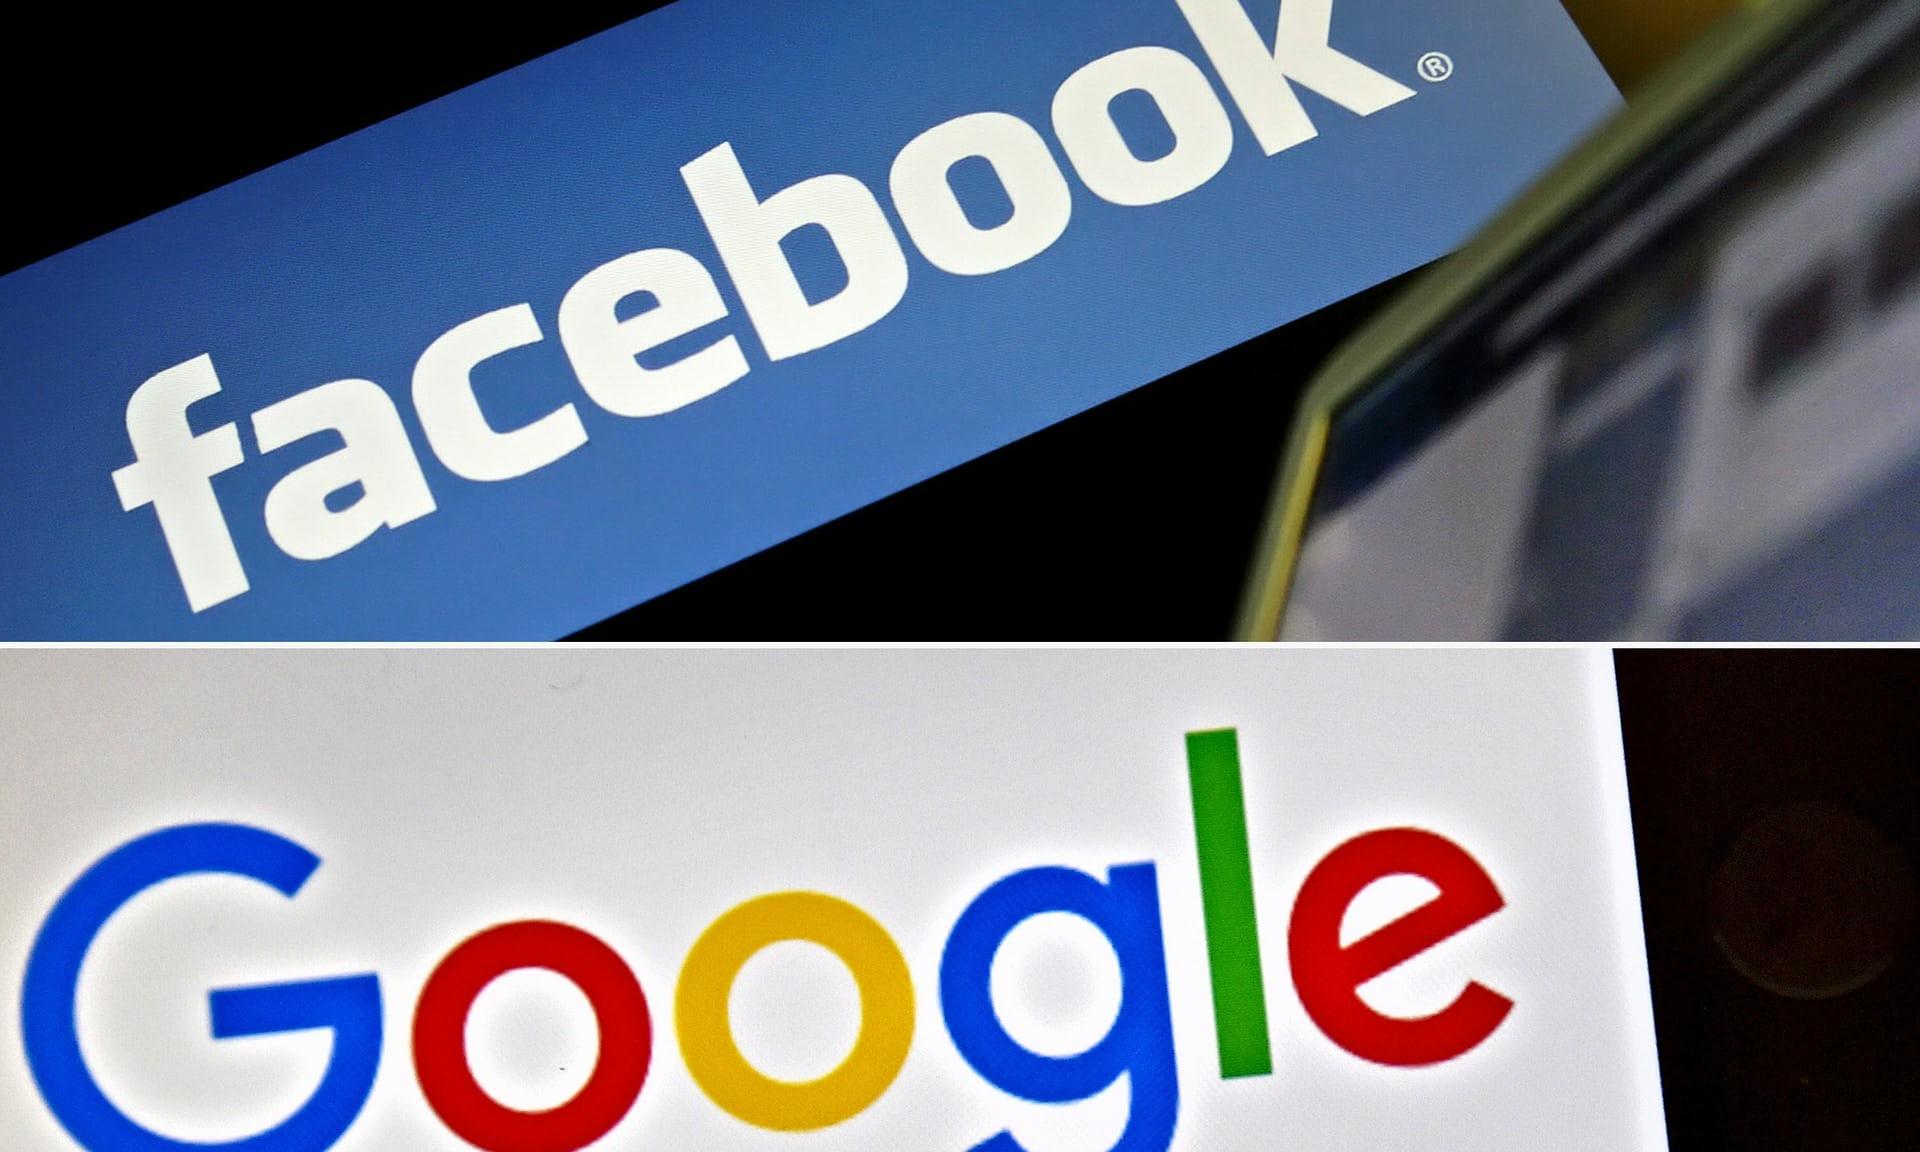 Các nhà xuất bản Pháp chung sức thách thức Google và Facebook   Truyền  thông   Vietnam+ (VietnamPlus)